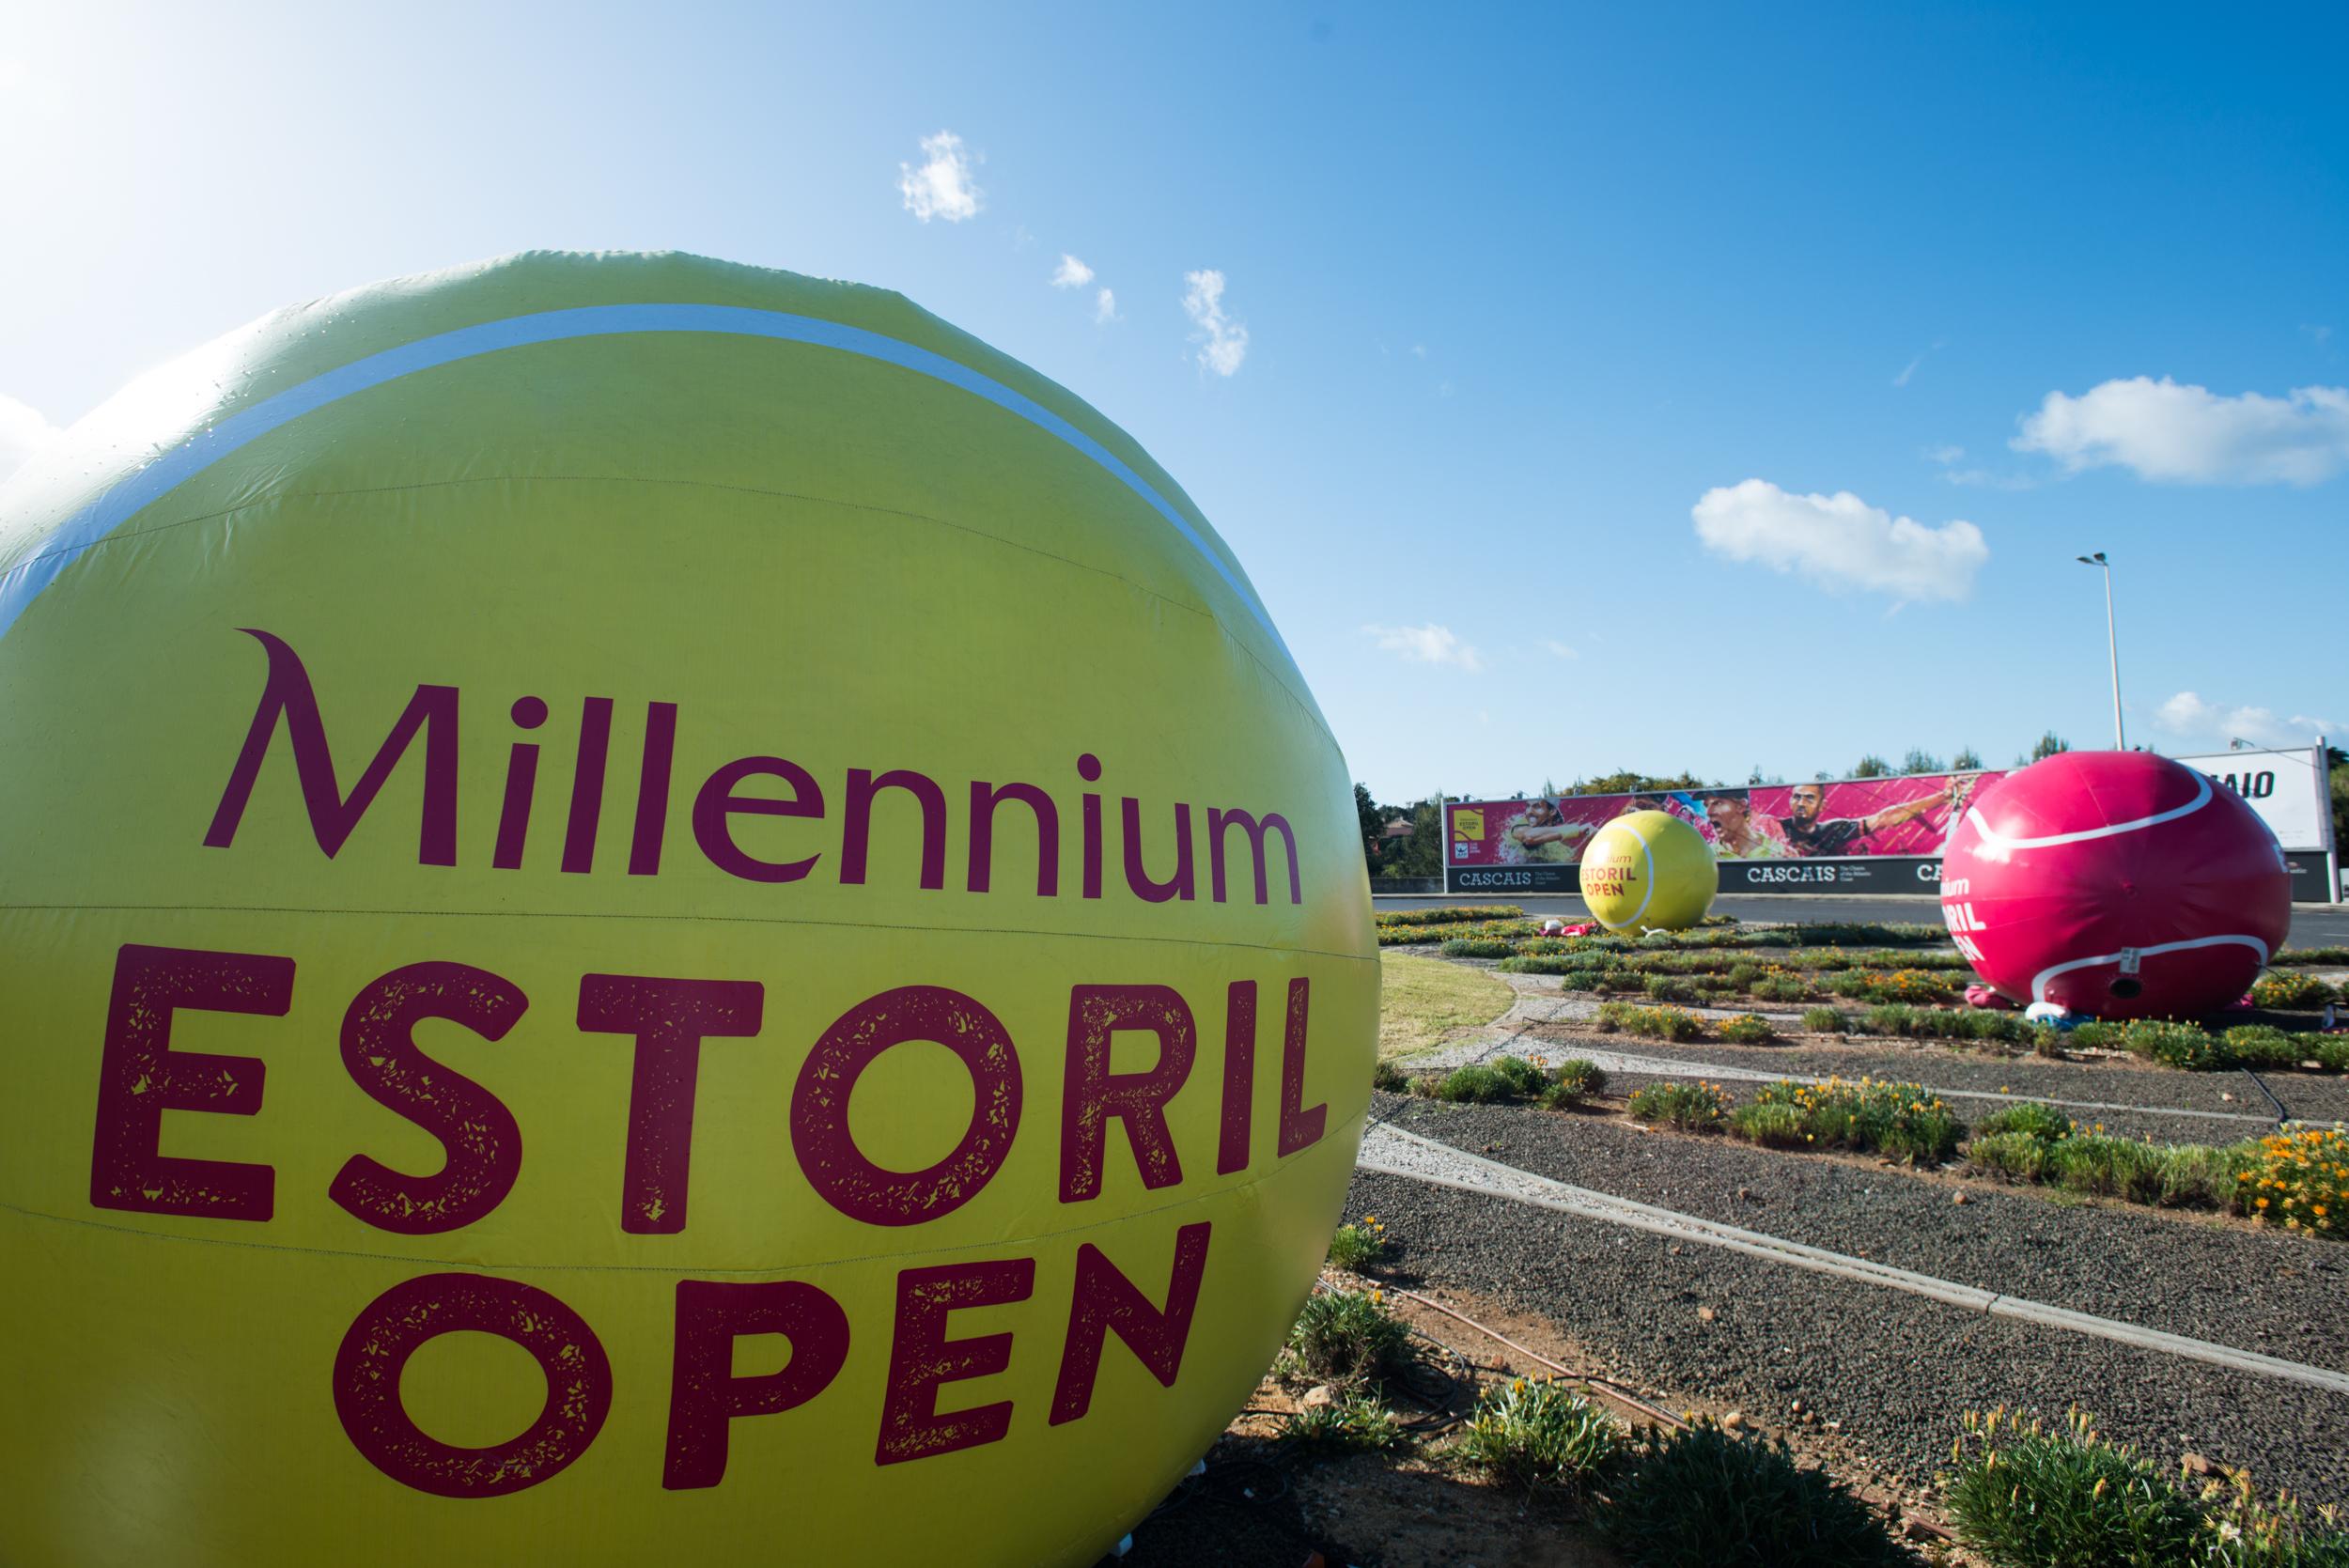 Millennium Estoril Open Rotunda